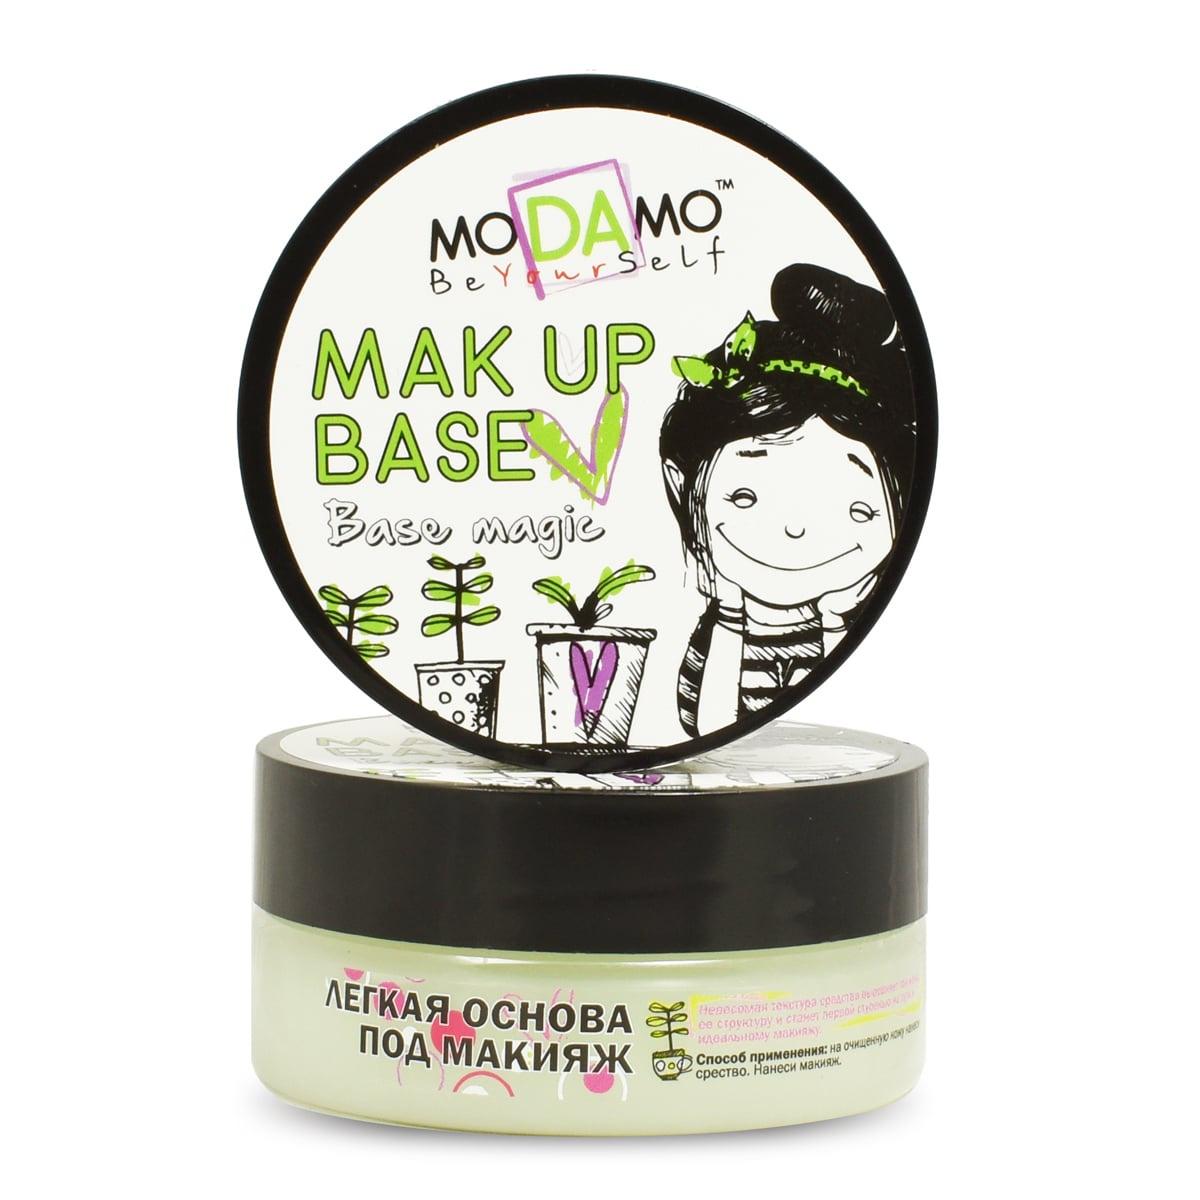 Легкая основа под макияж moDAmo